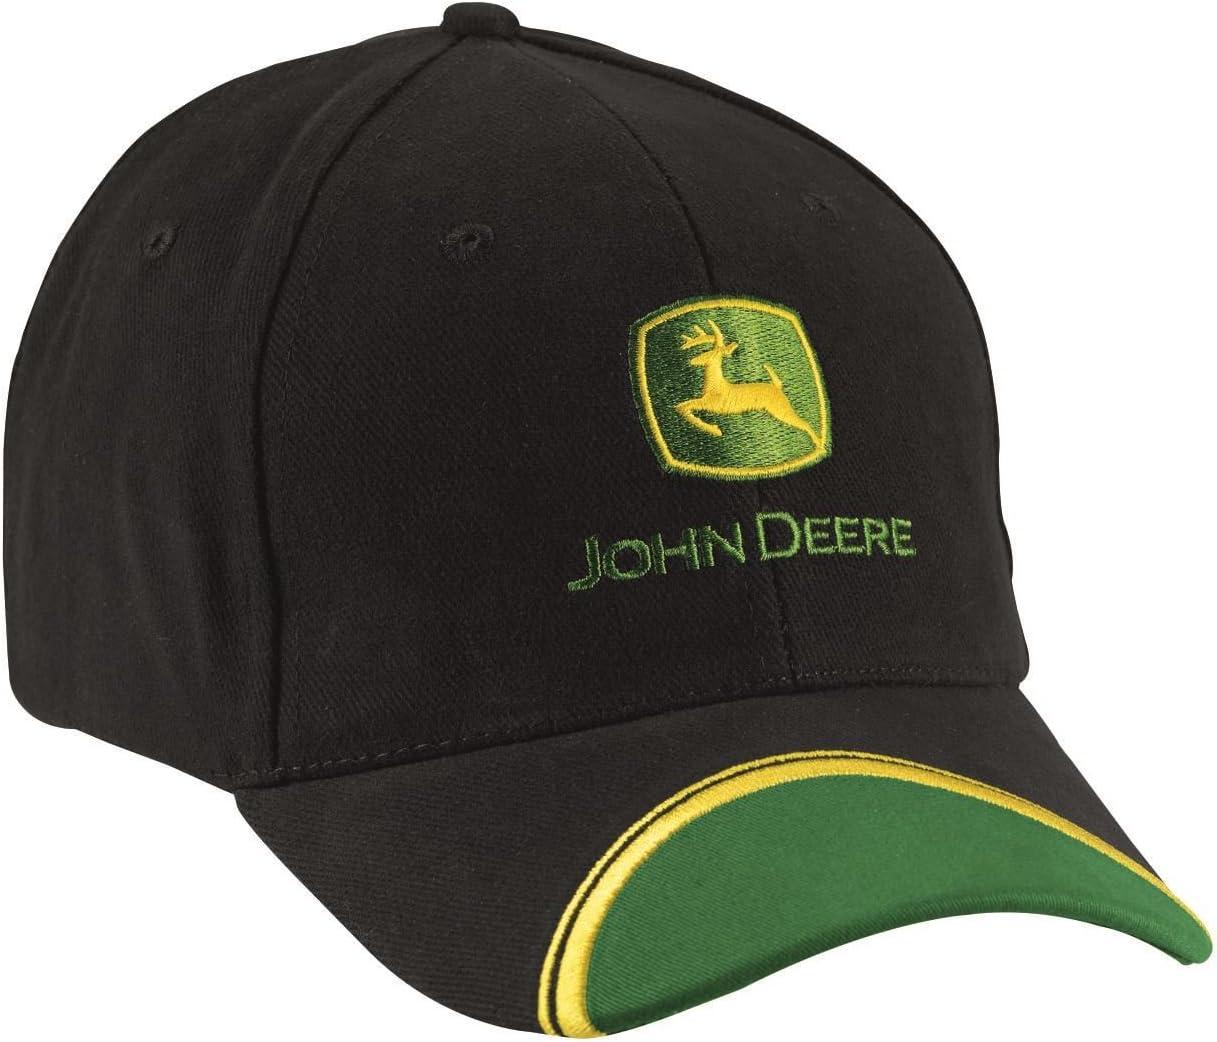 John Deere Gorra Deportiva: Amazon.es: Bricolaje y herramientas